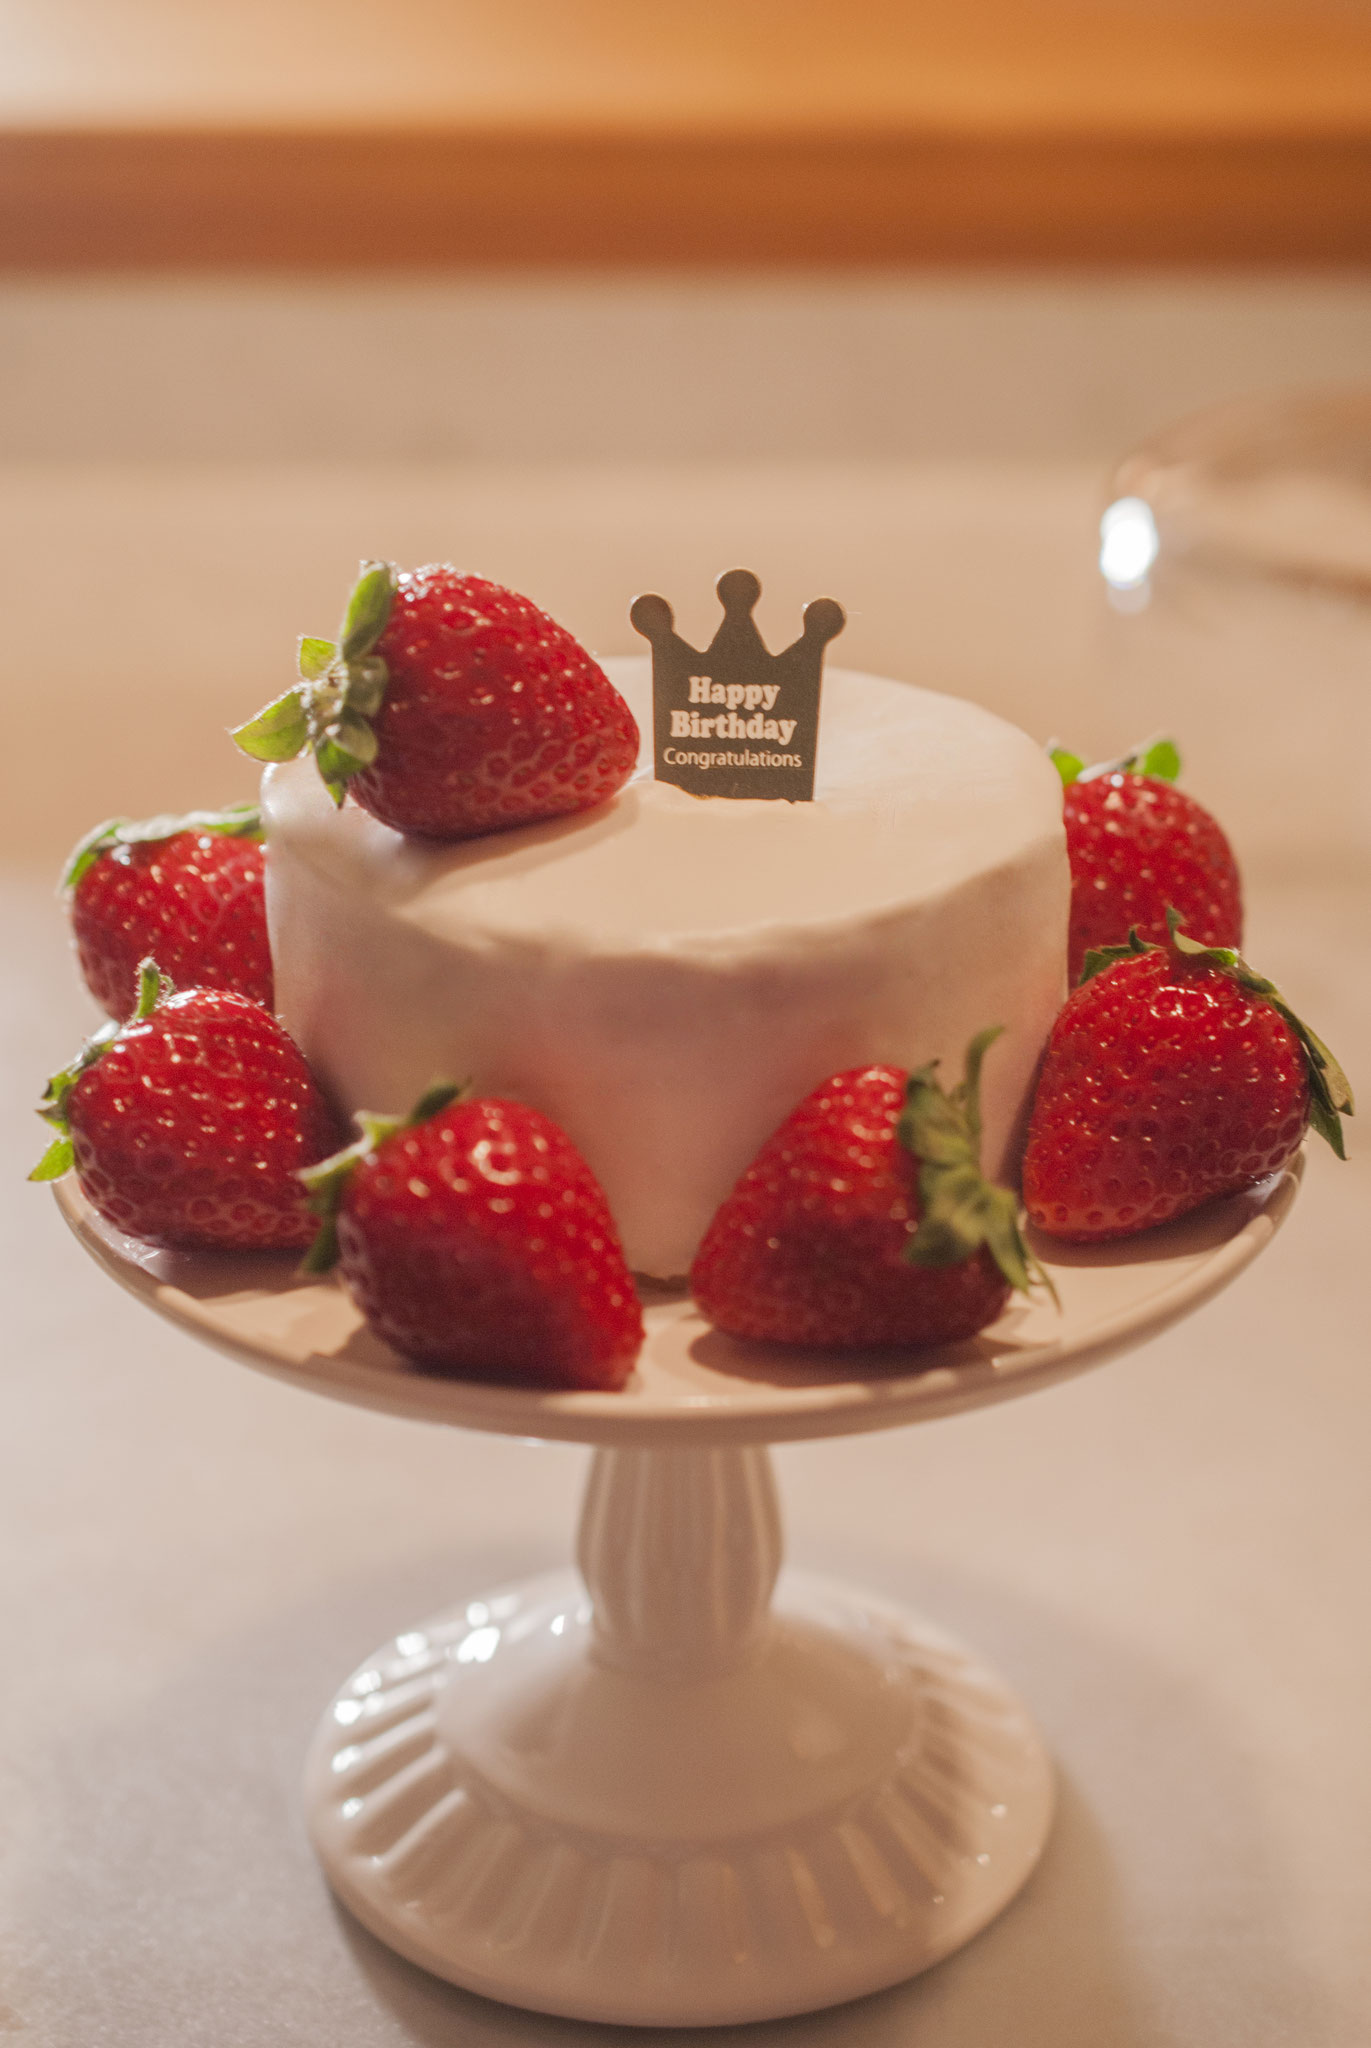 φ9cm Birthday strawberry shortcake, Fleur*Fleur*